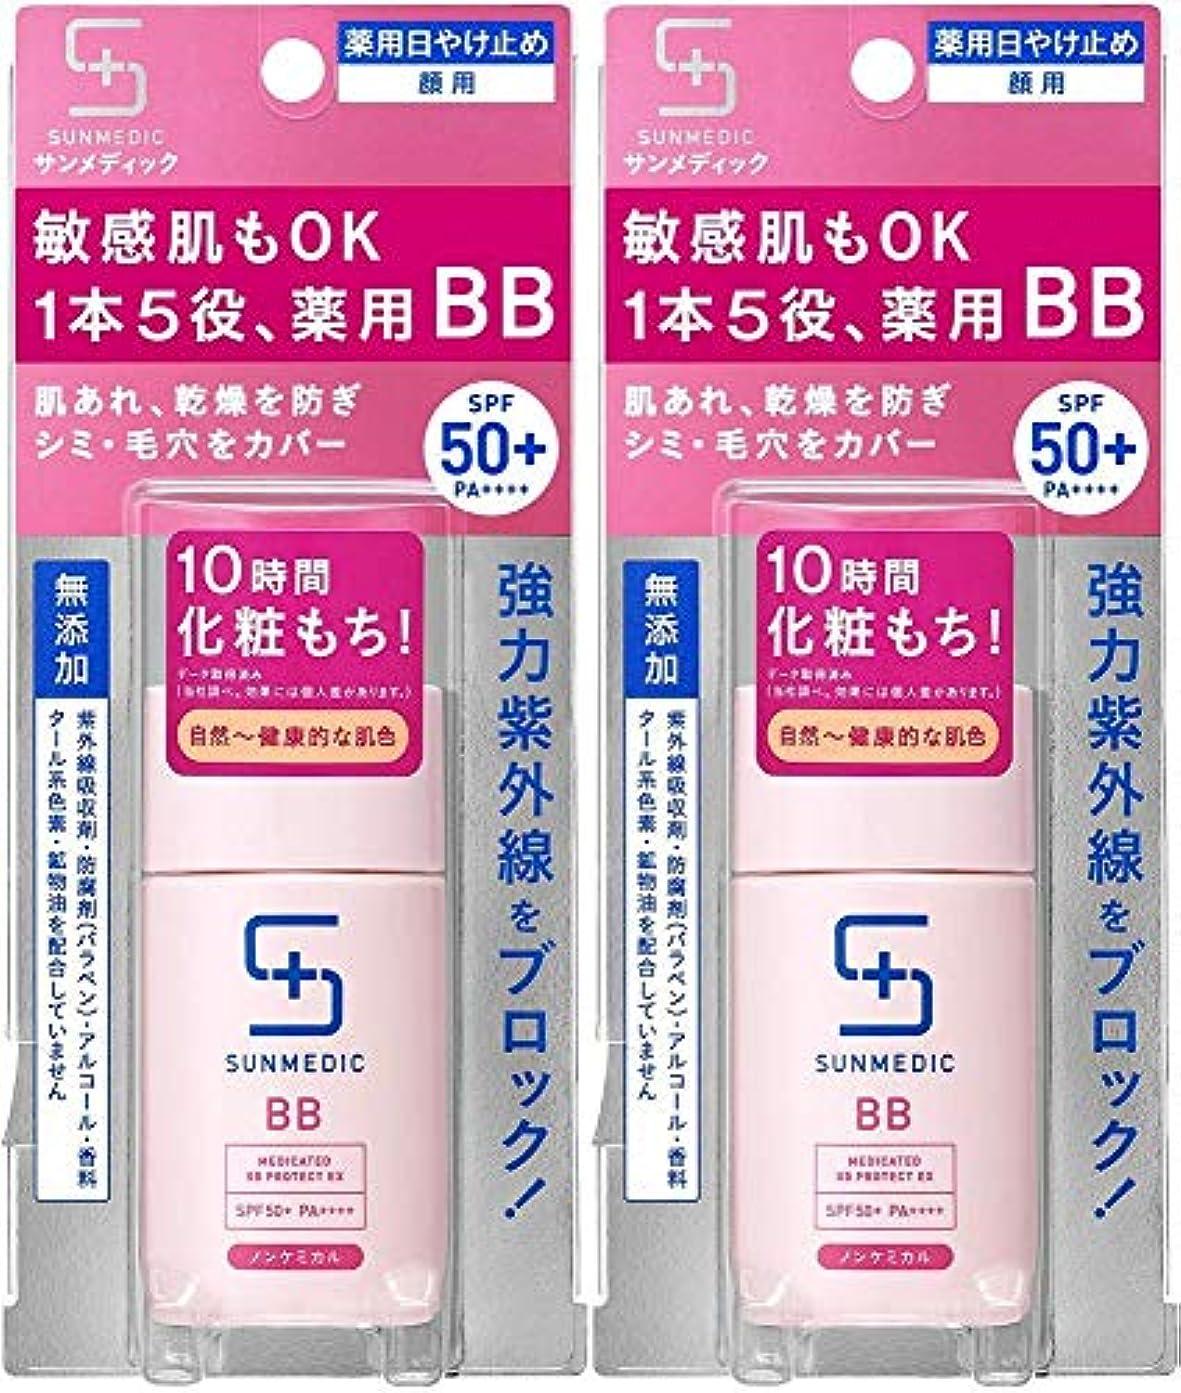 クレデンシャルビバあなたは【2個セット】サンメディックUV 薬用BBプロテクトEX ナチュラル 30ml (医薬部外品)